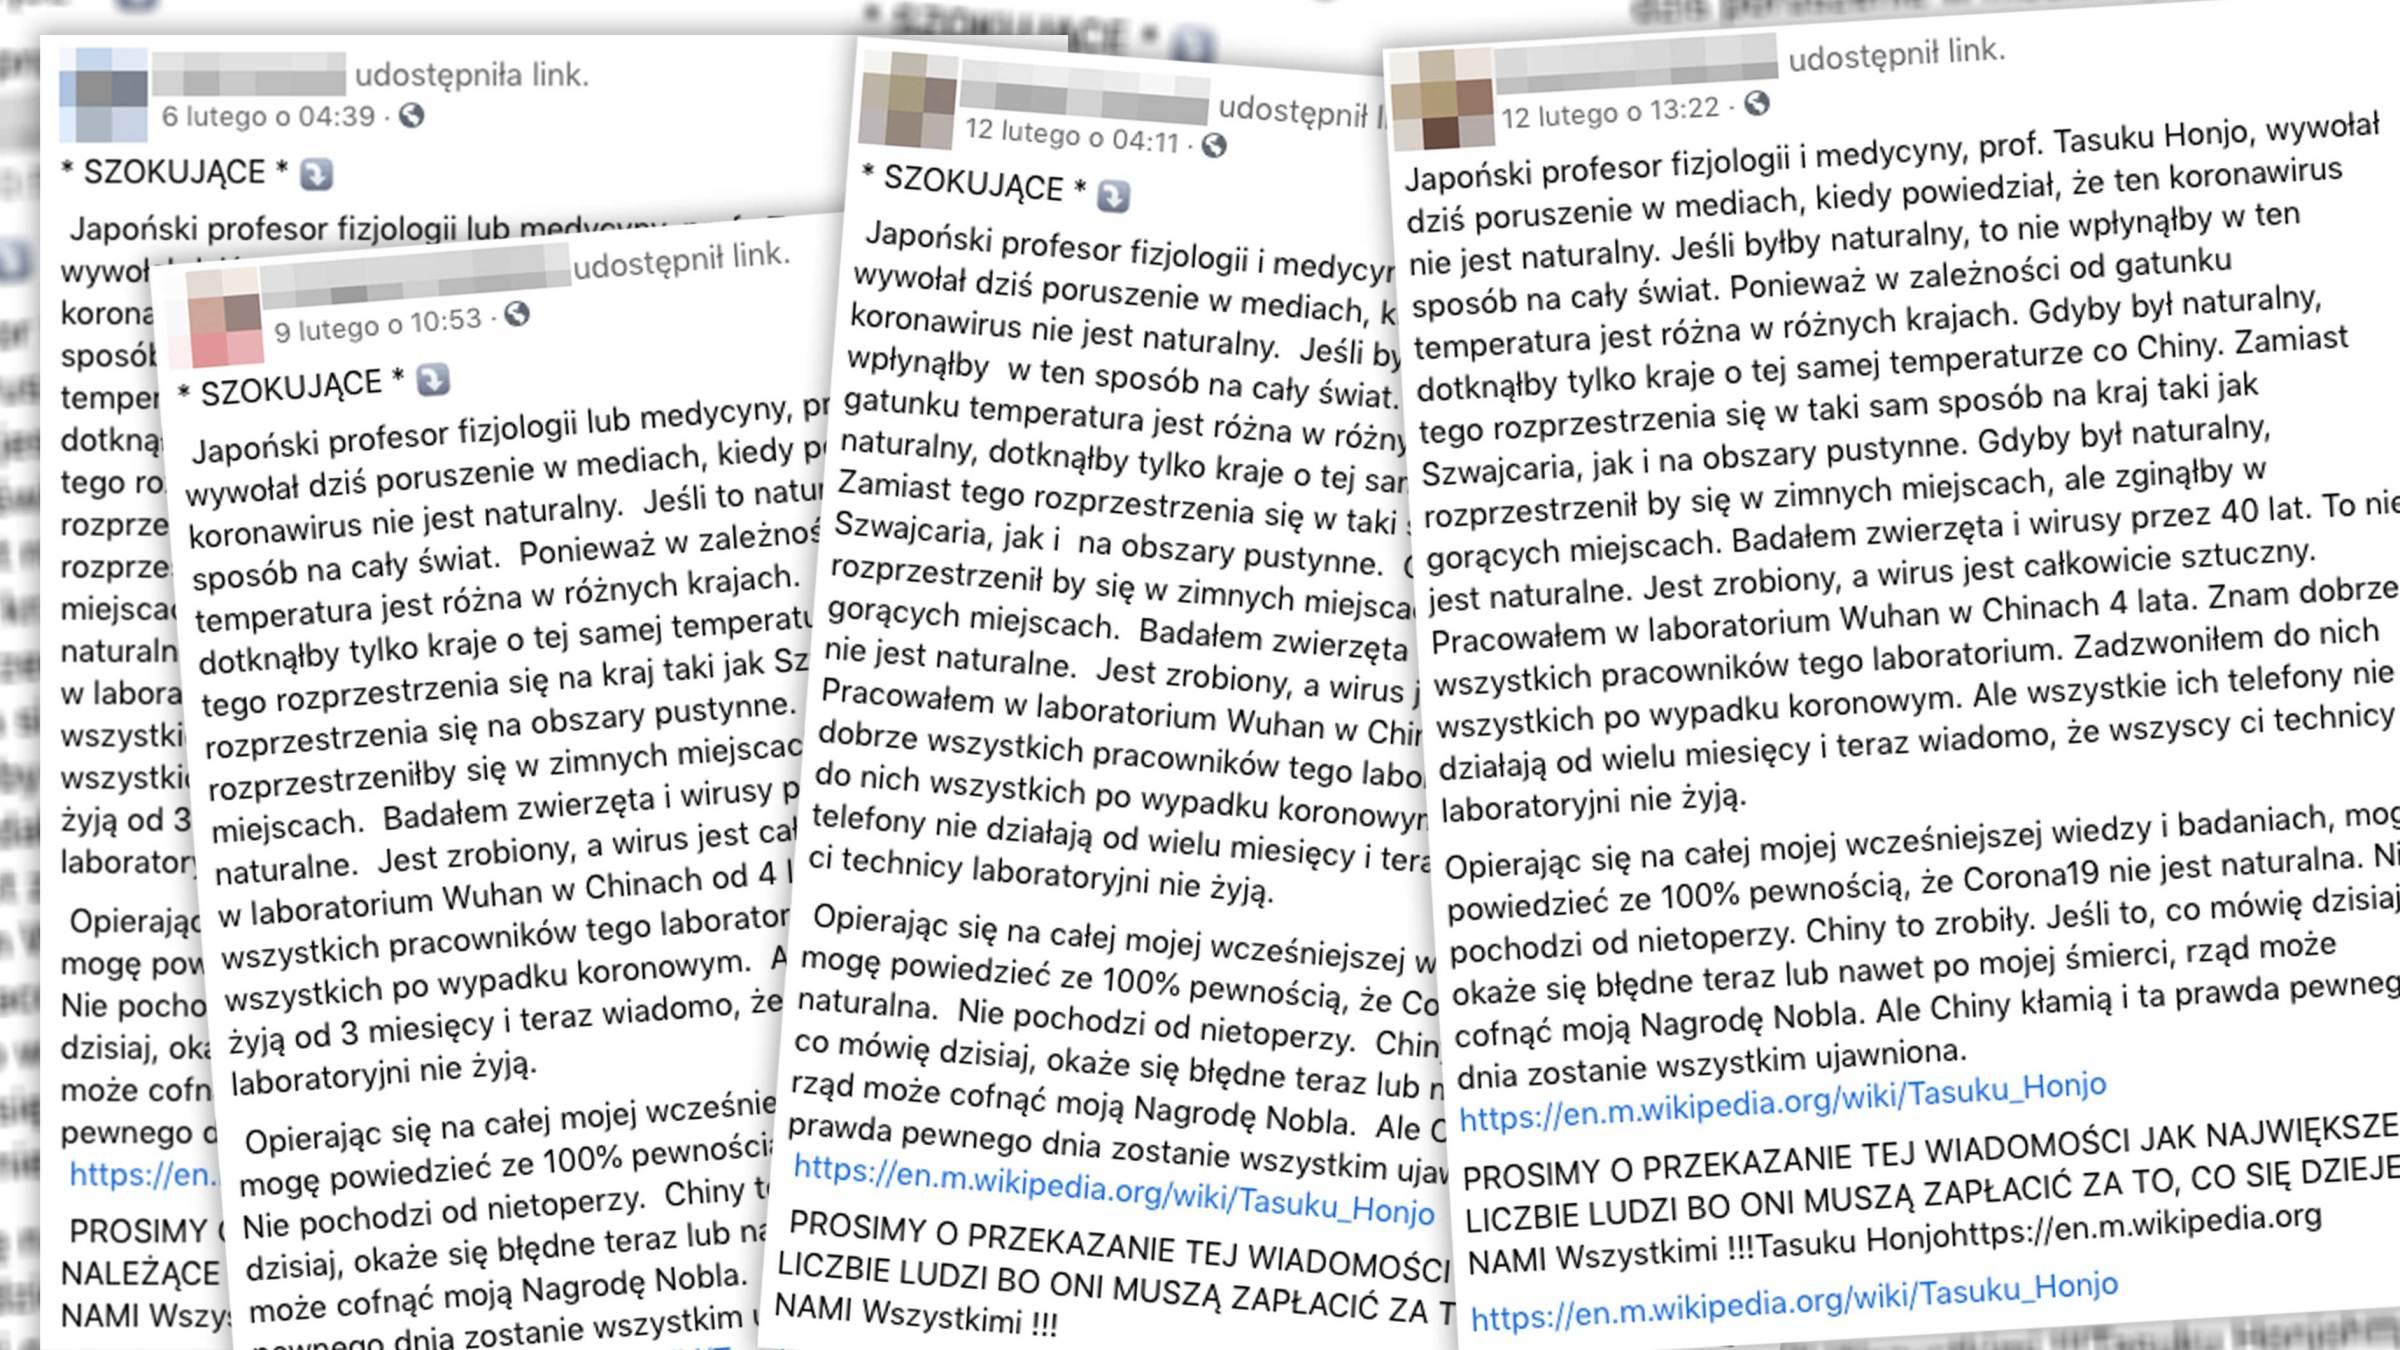 Wielu polskich internautów udostępnia rzekomy cytat japońskiego profesora